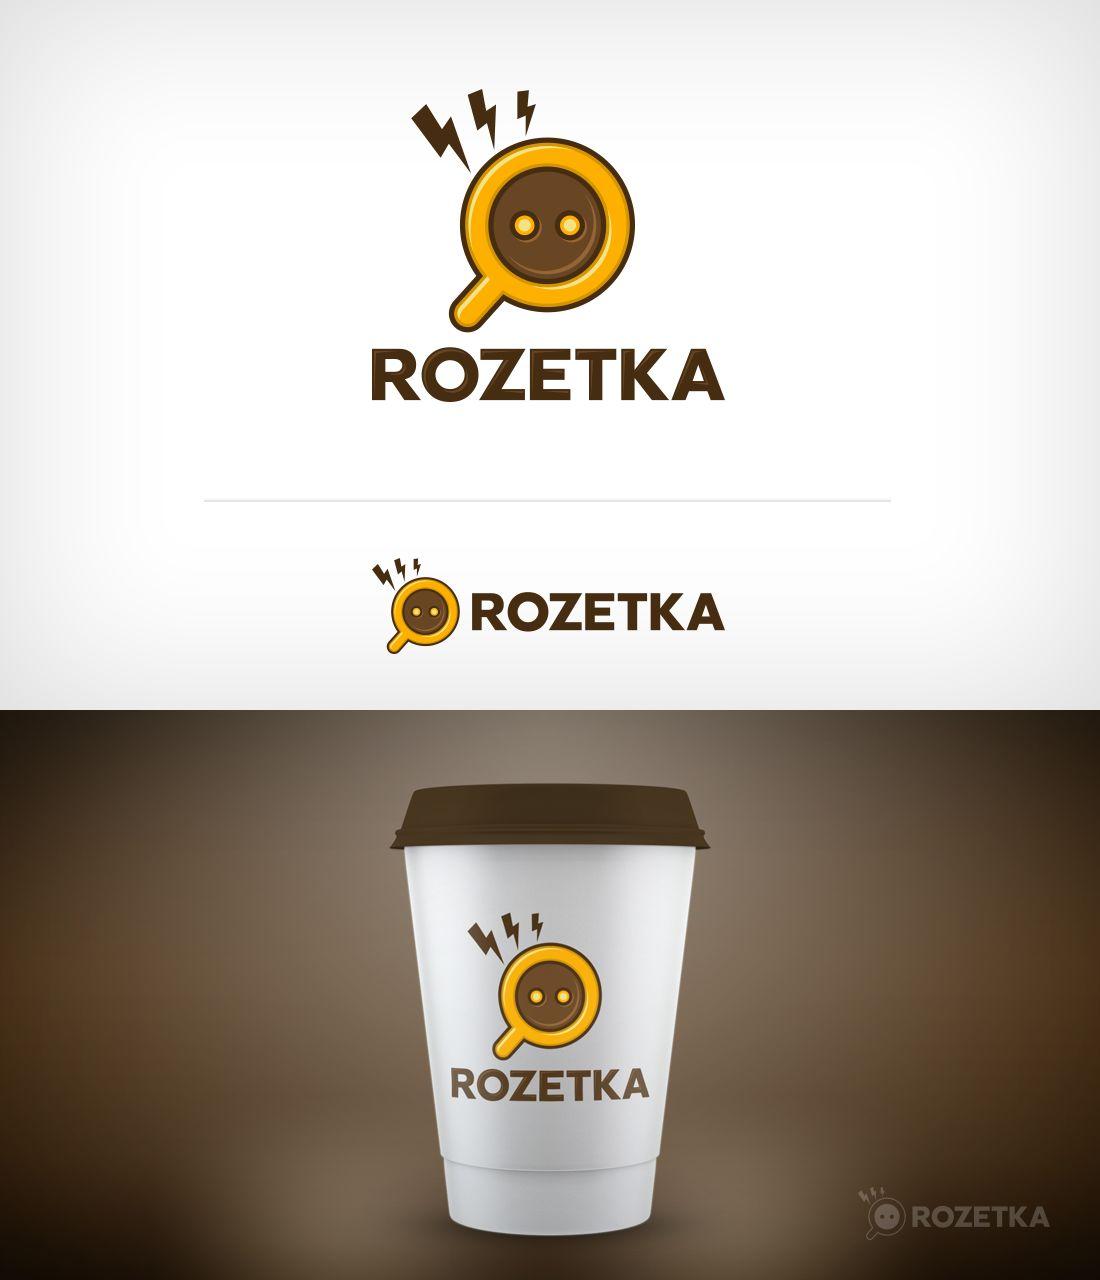 Логотип+Дизайн фирменного стиля для кофейни  - дизайнер MrPartizan